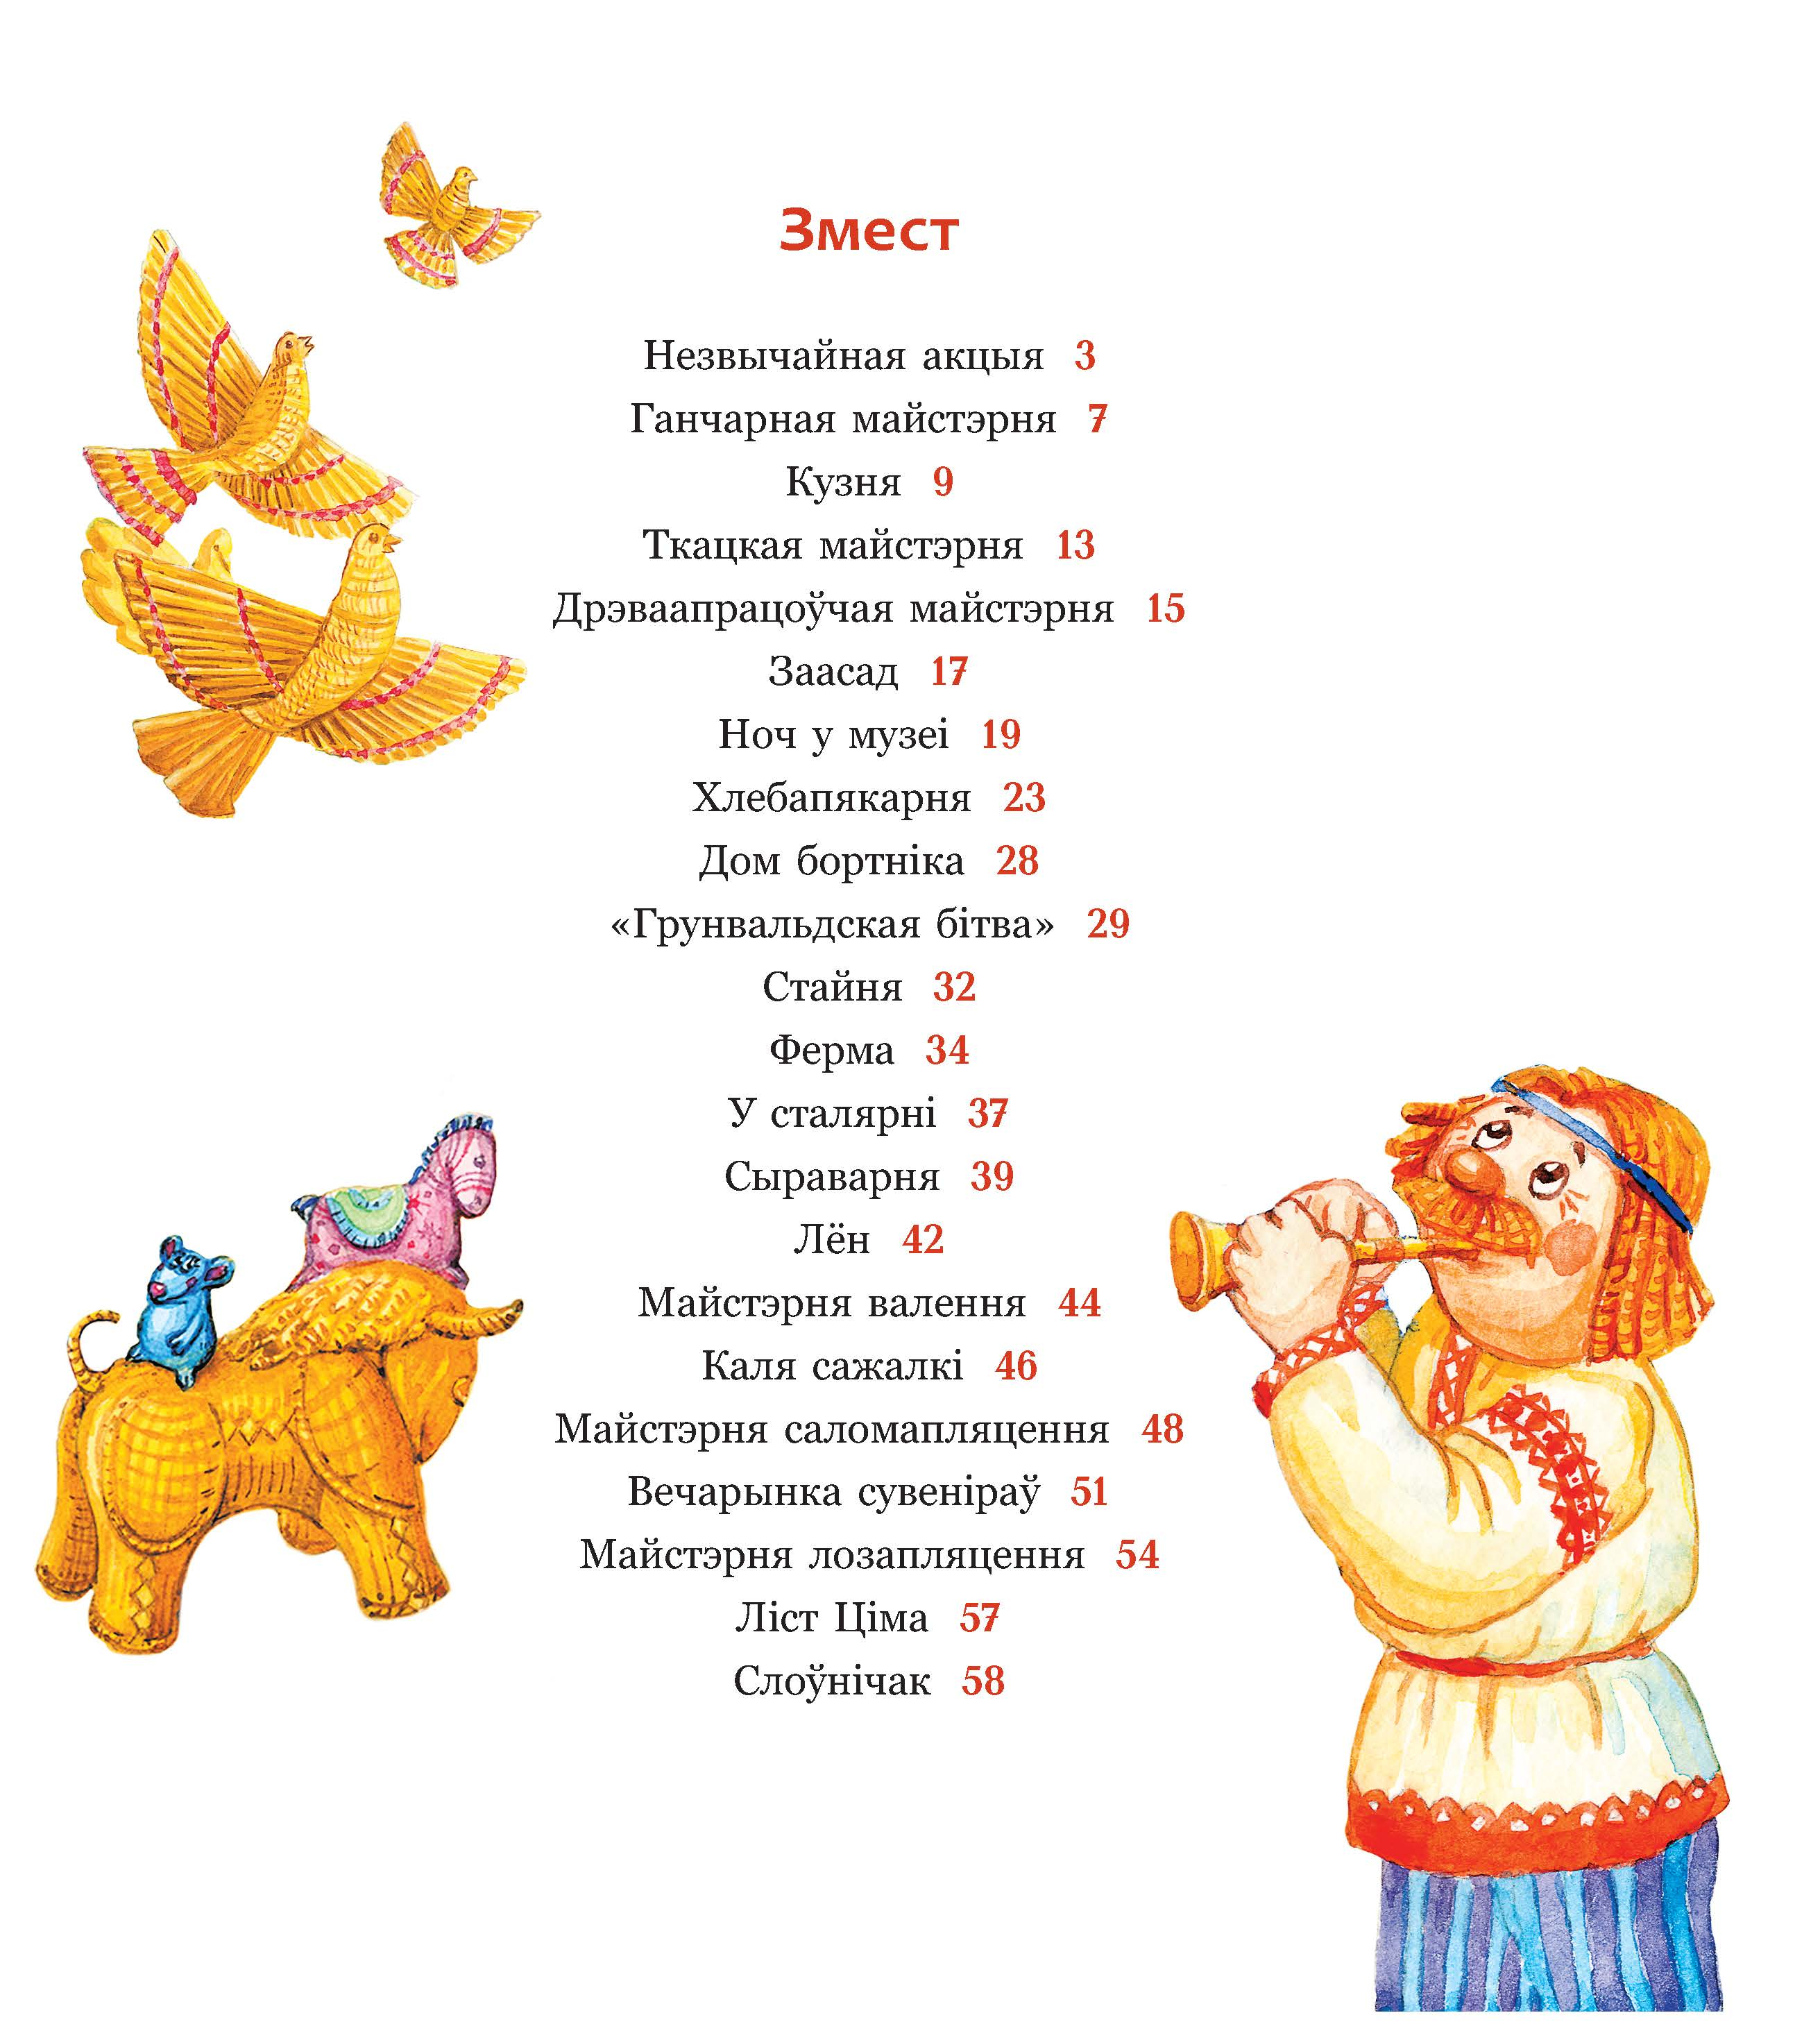 Чароўныя майстэрні, або Прыгоды Ціма ў Дудутках